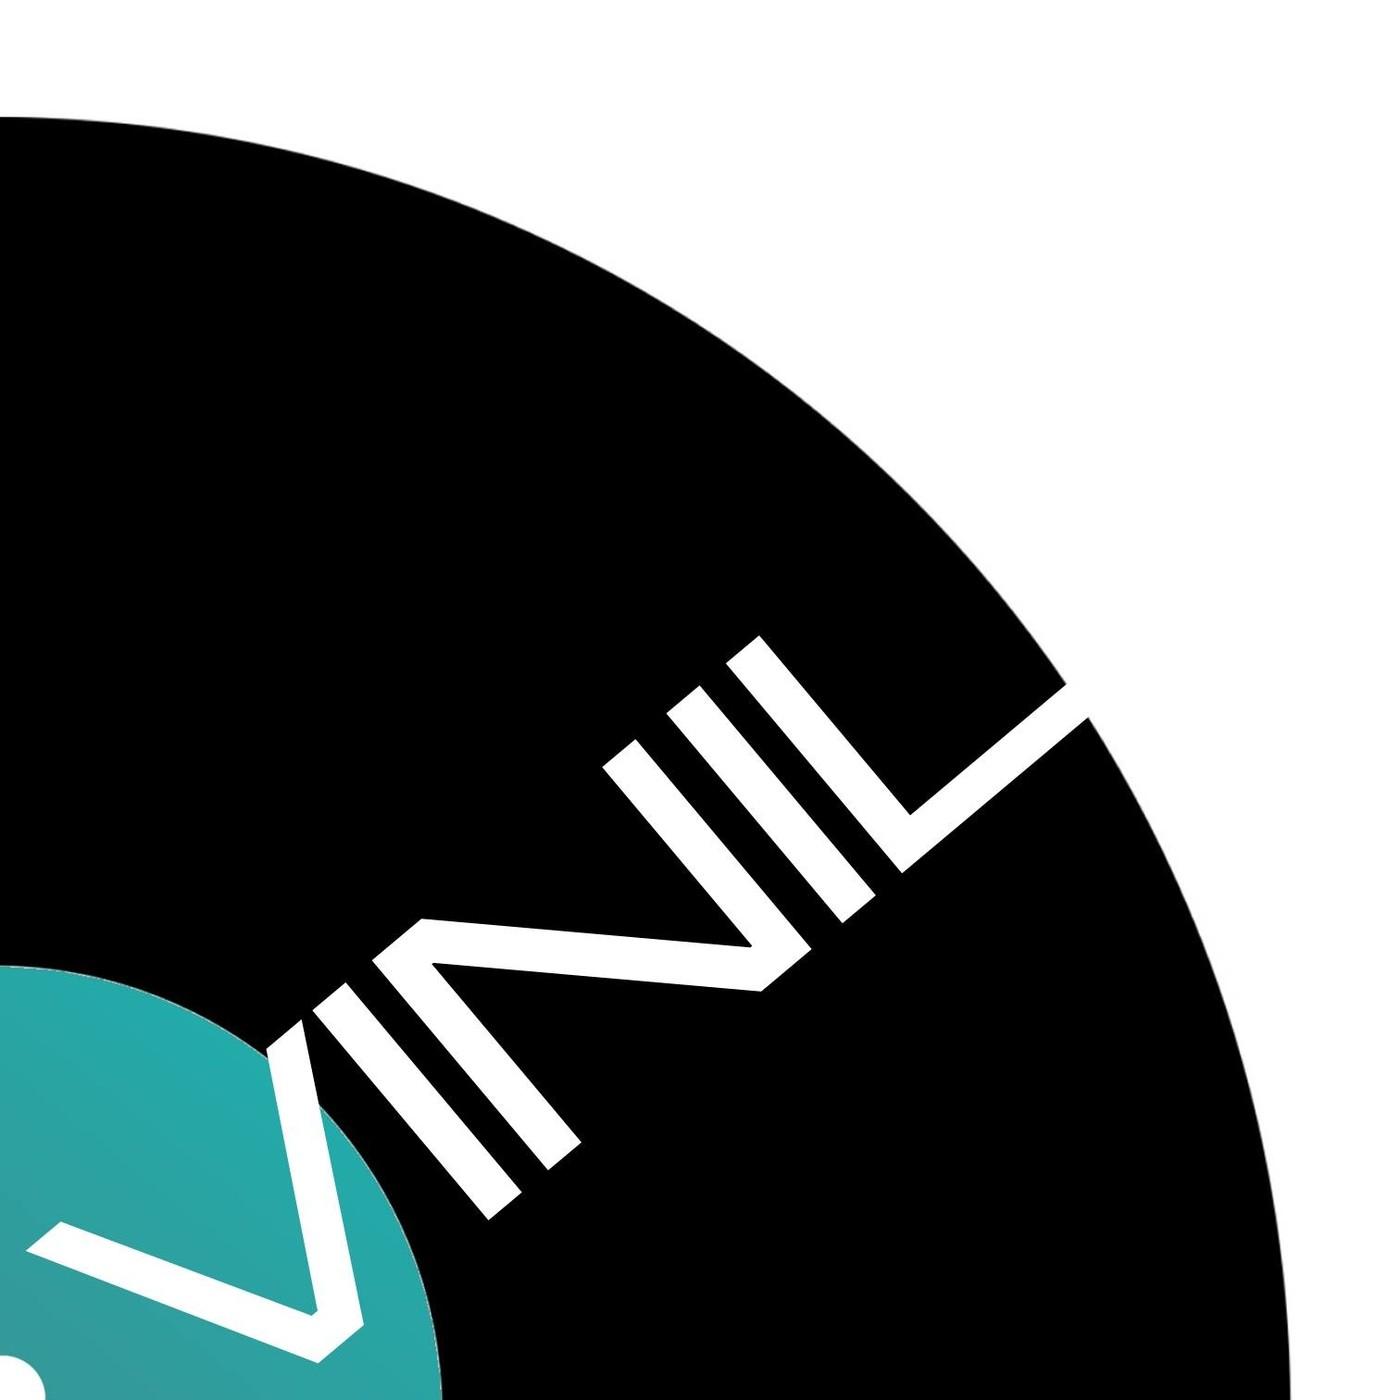 Vinil: BLACK - Wonderful life